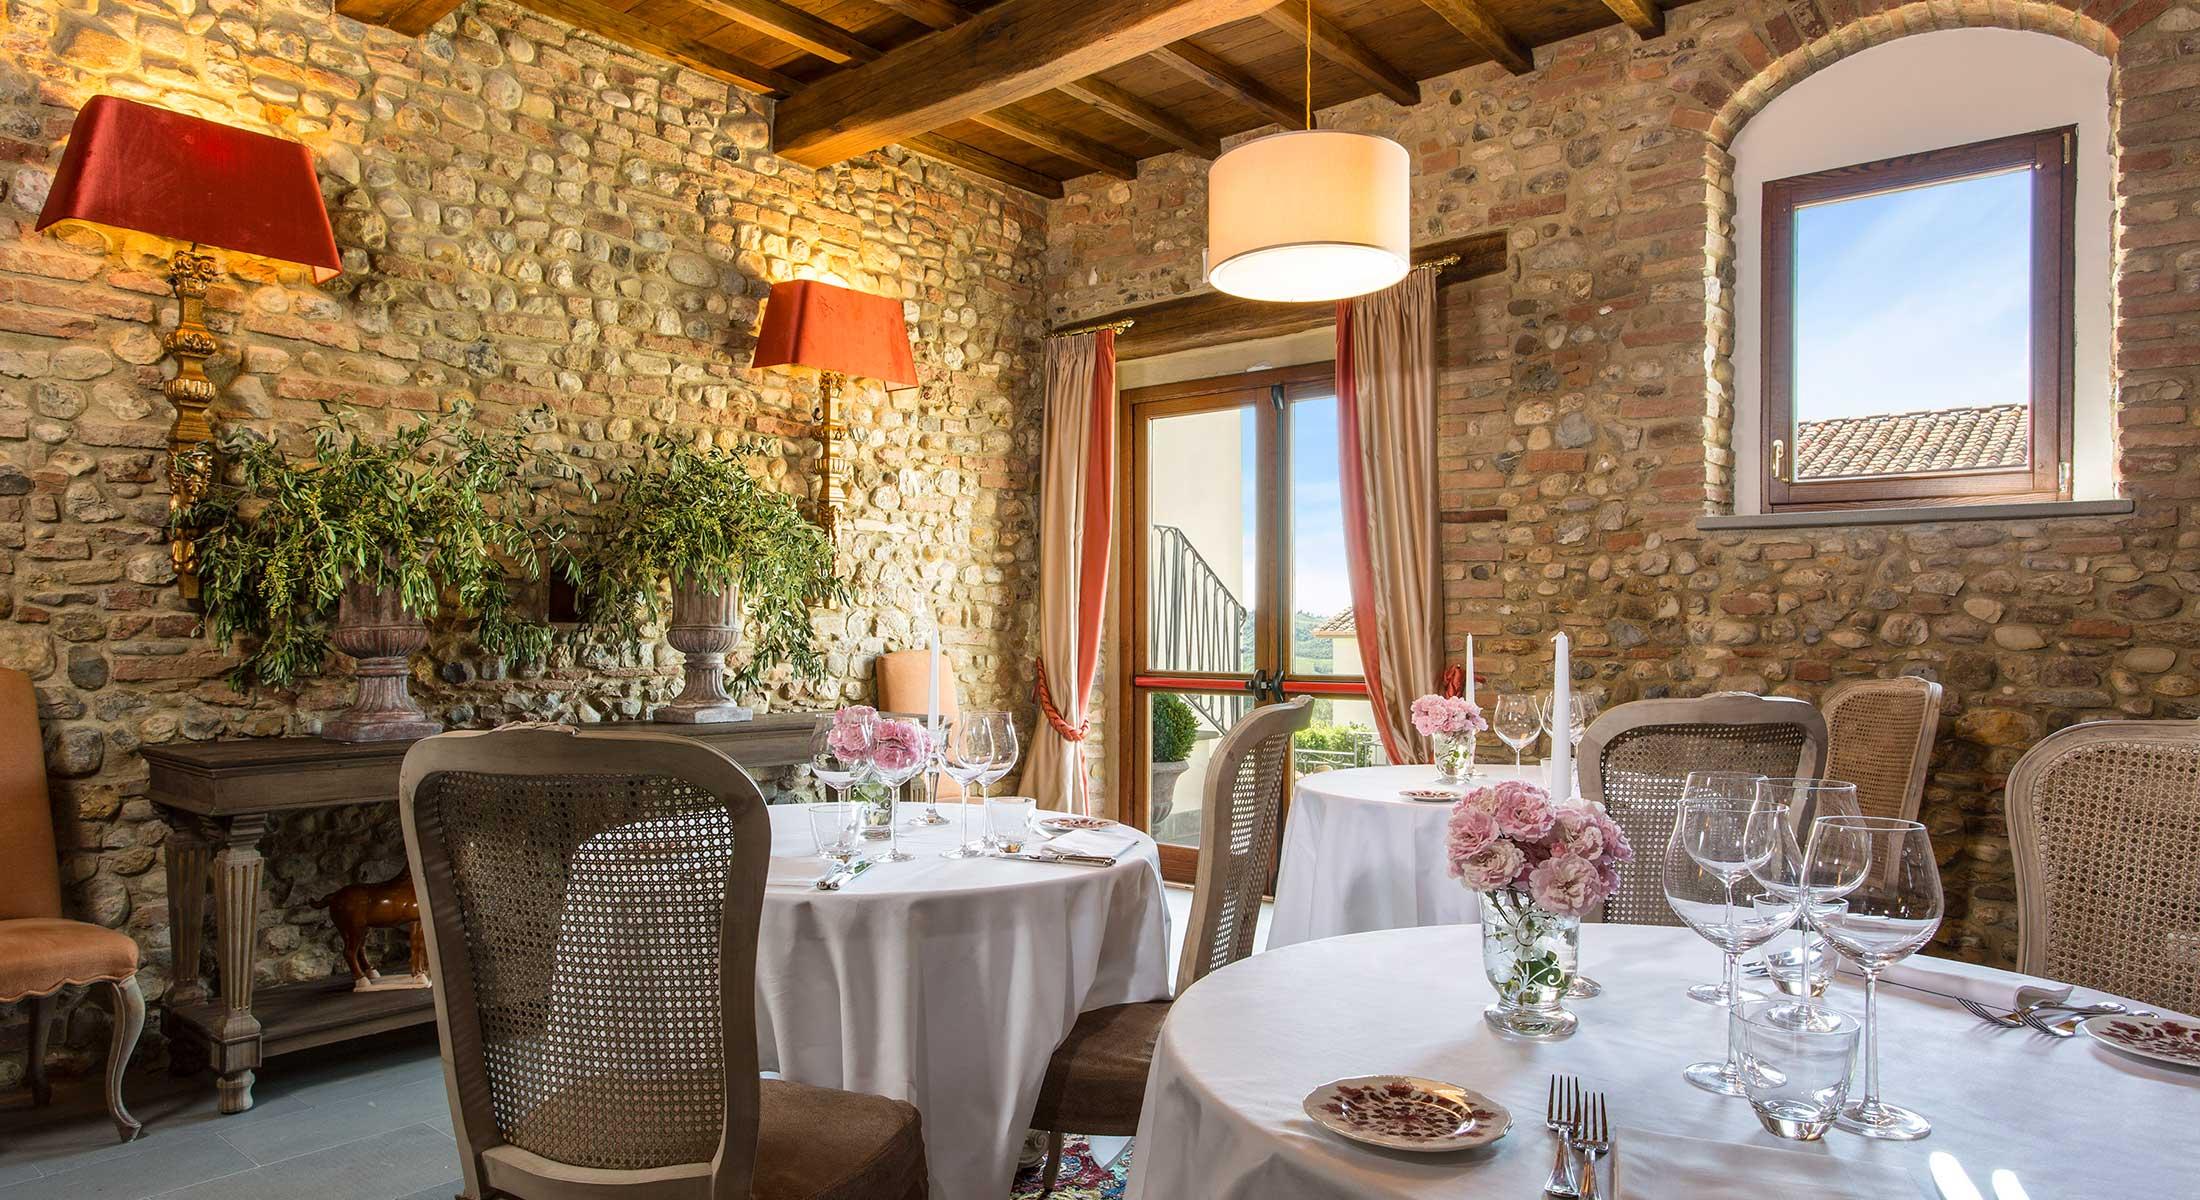 Wine & Dine - La Terrazza Restaurant Montespertoli, Chianti ...